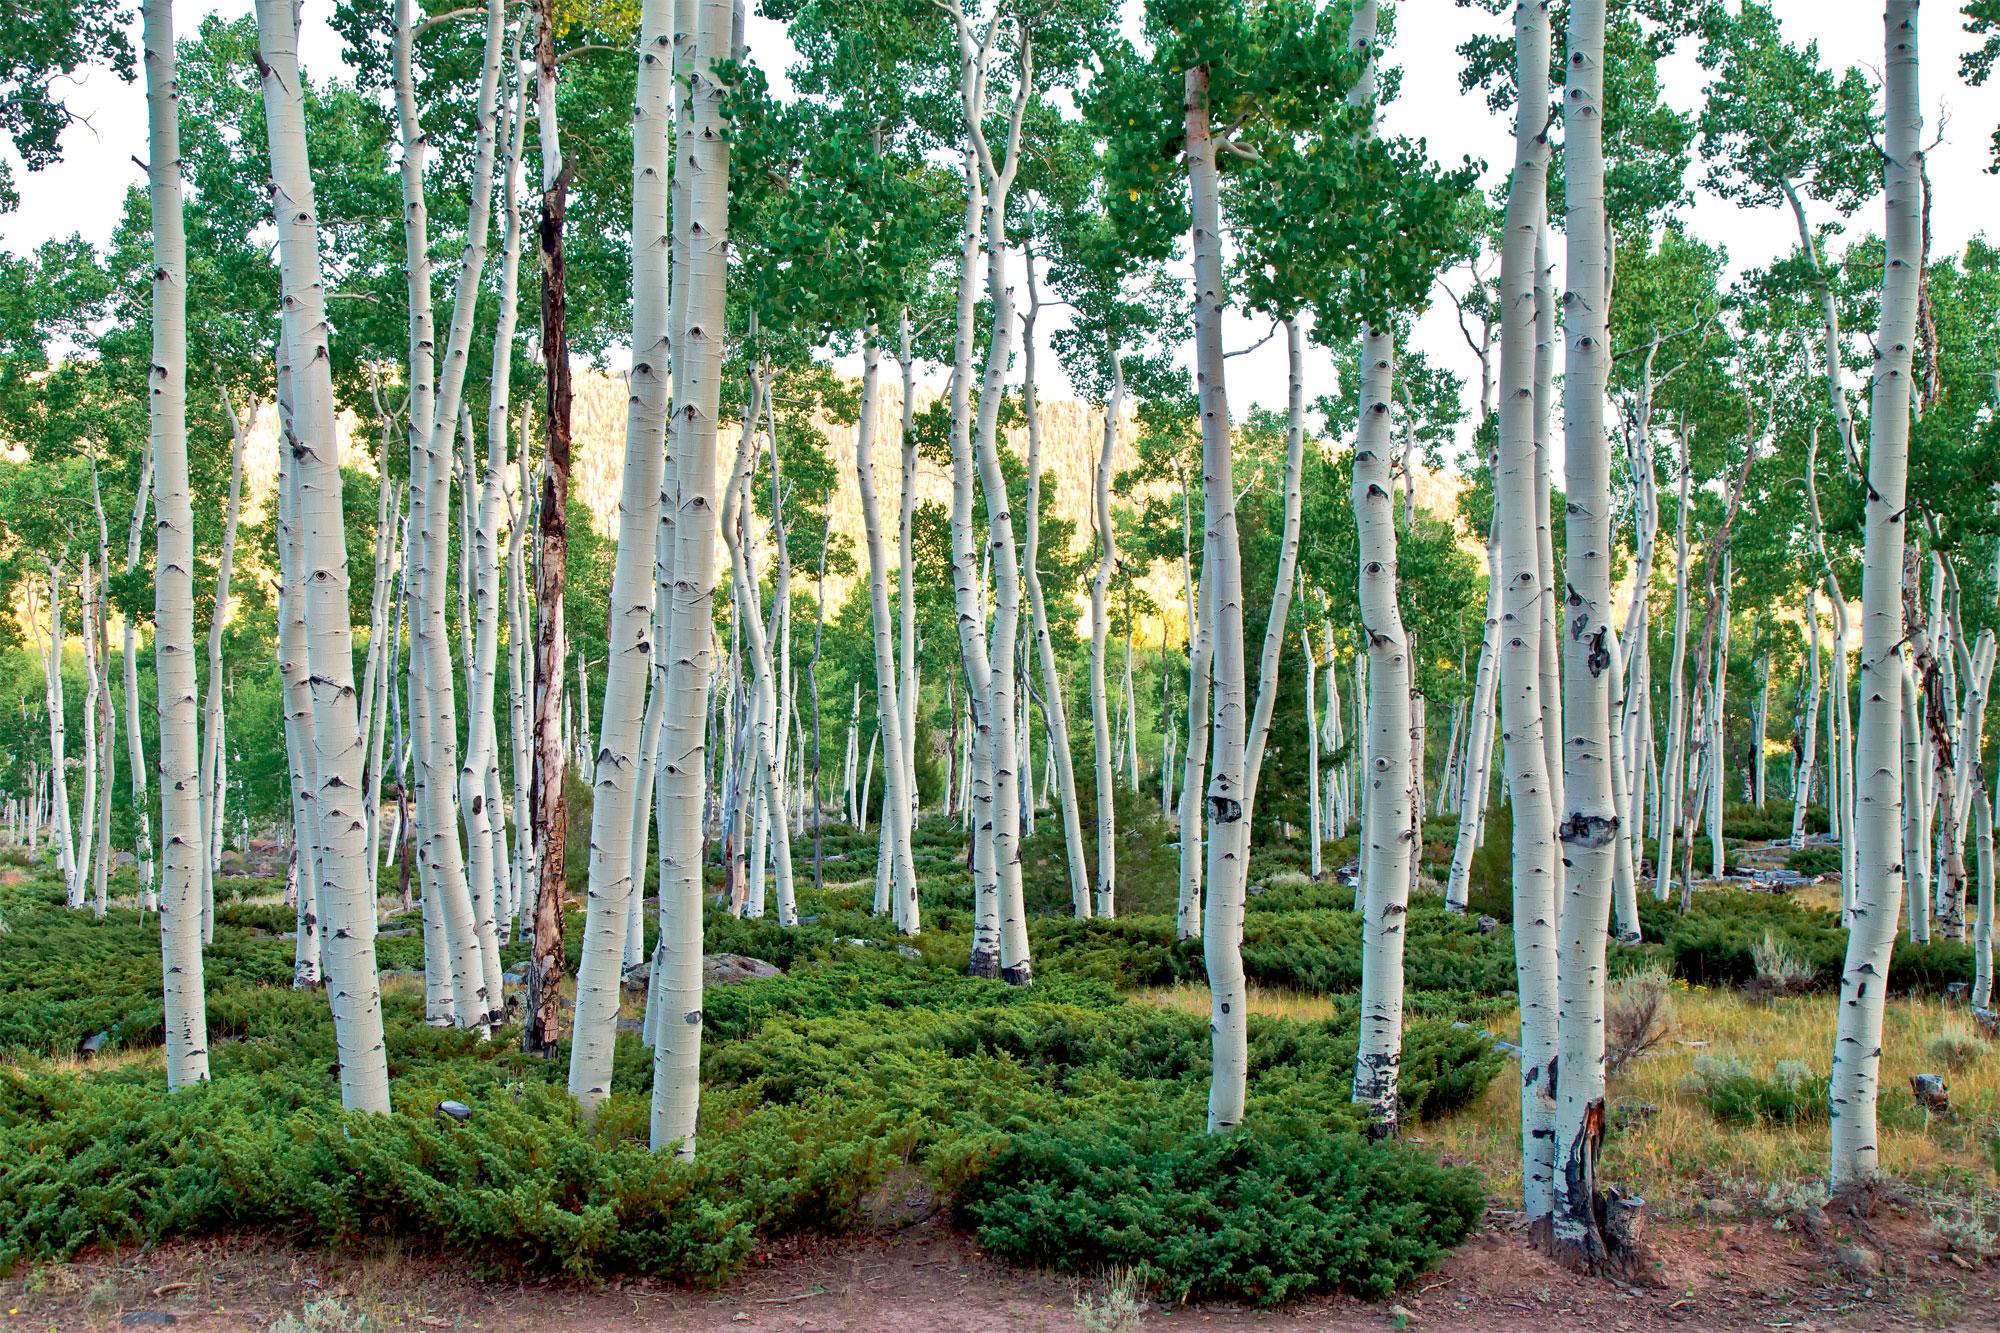 forêt clonale de peuplier